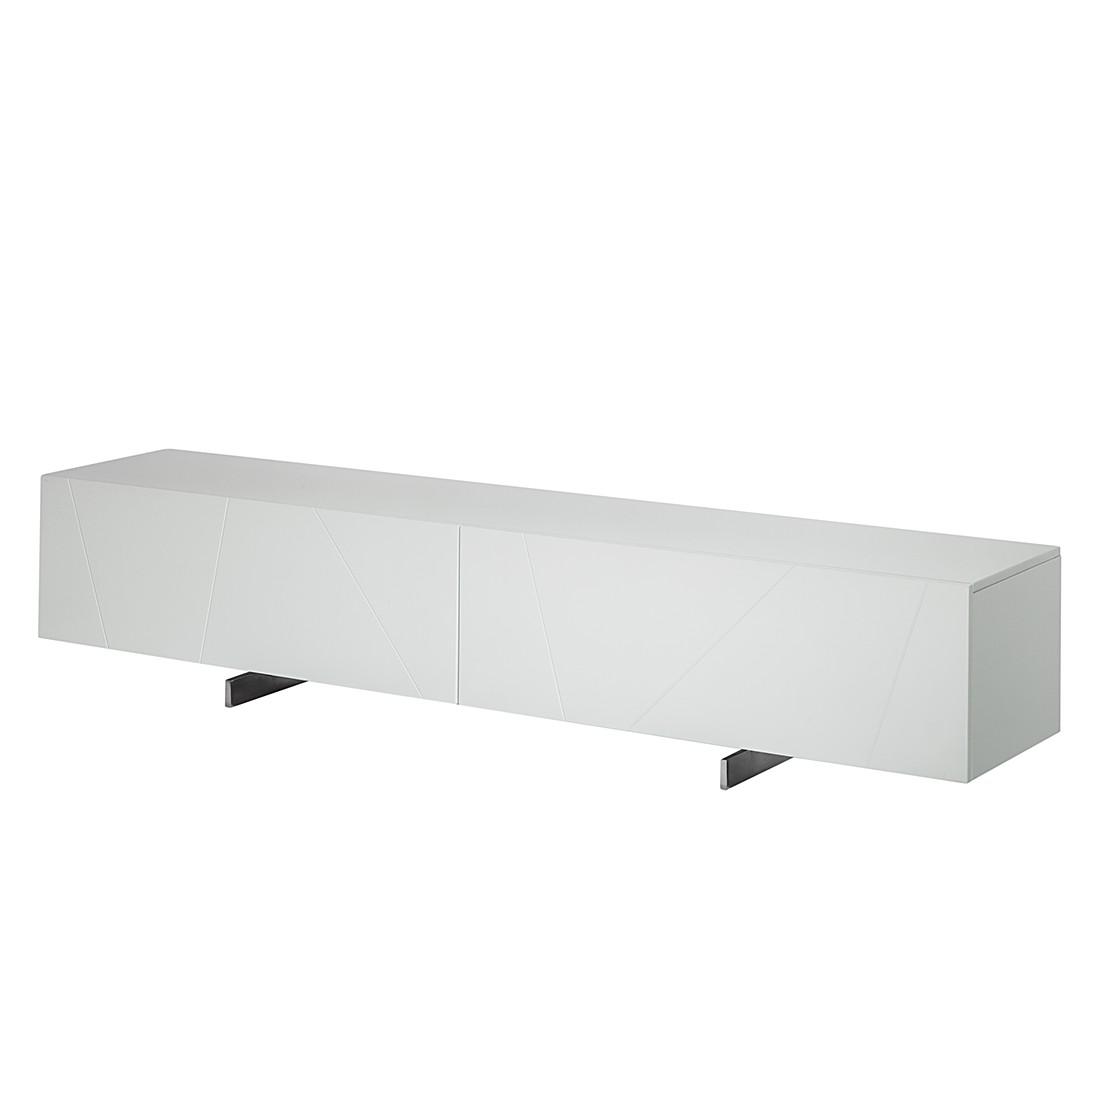 kleine meubels TV-meubel Miami - wit hoogglans roomscape voor 0.00 ...